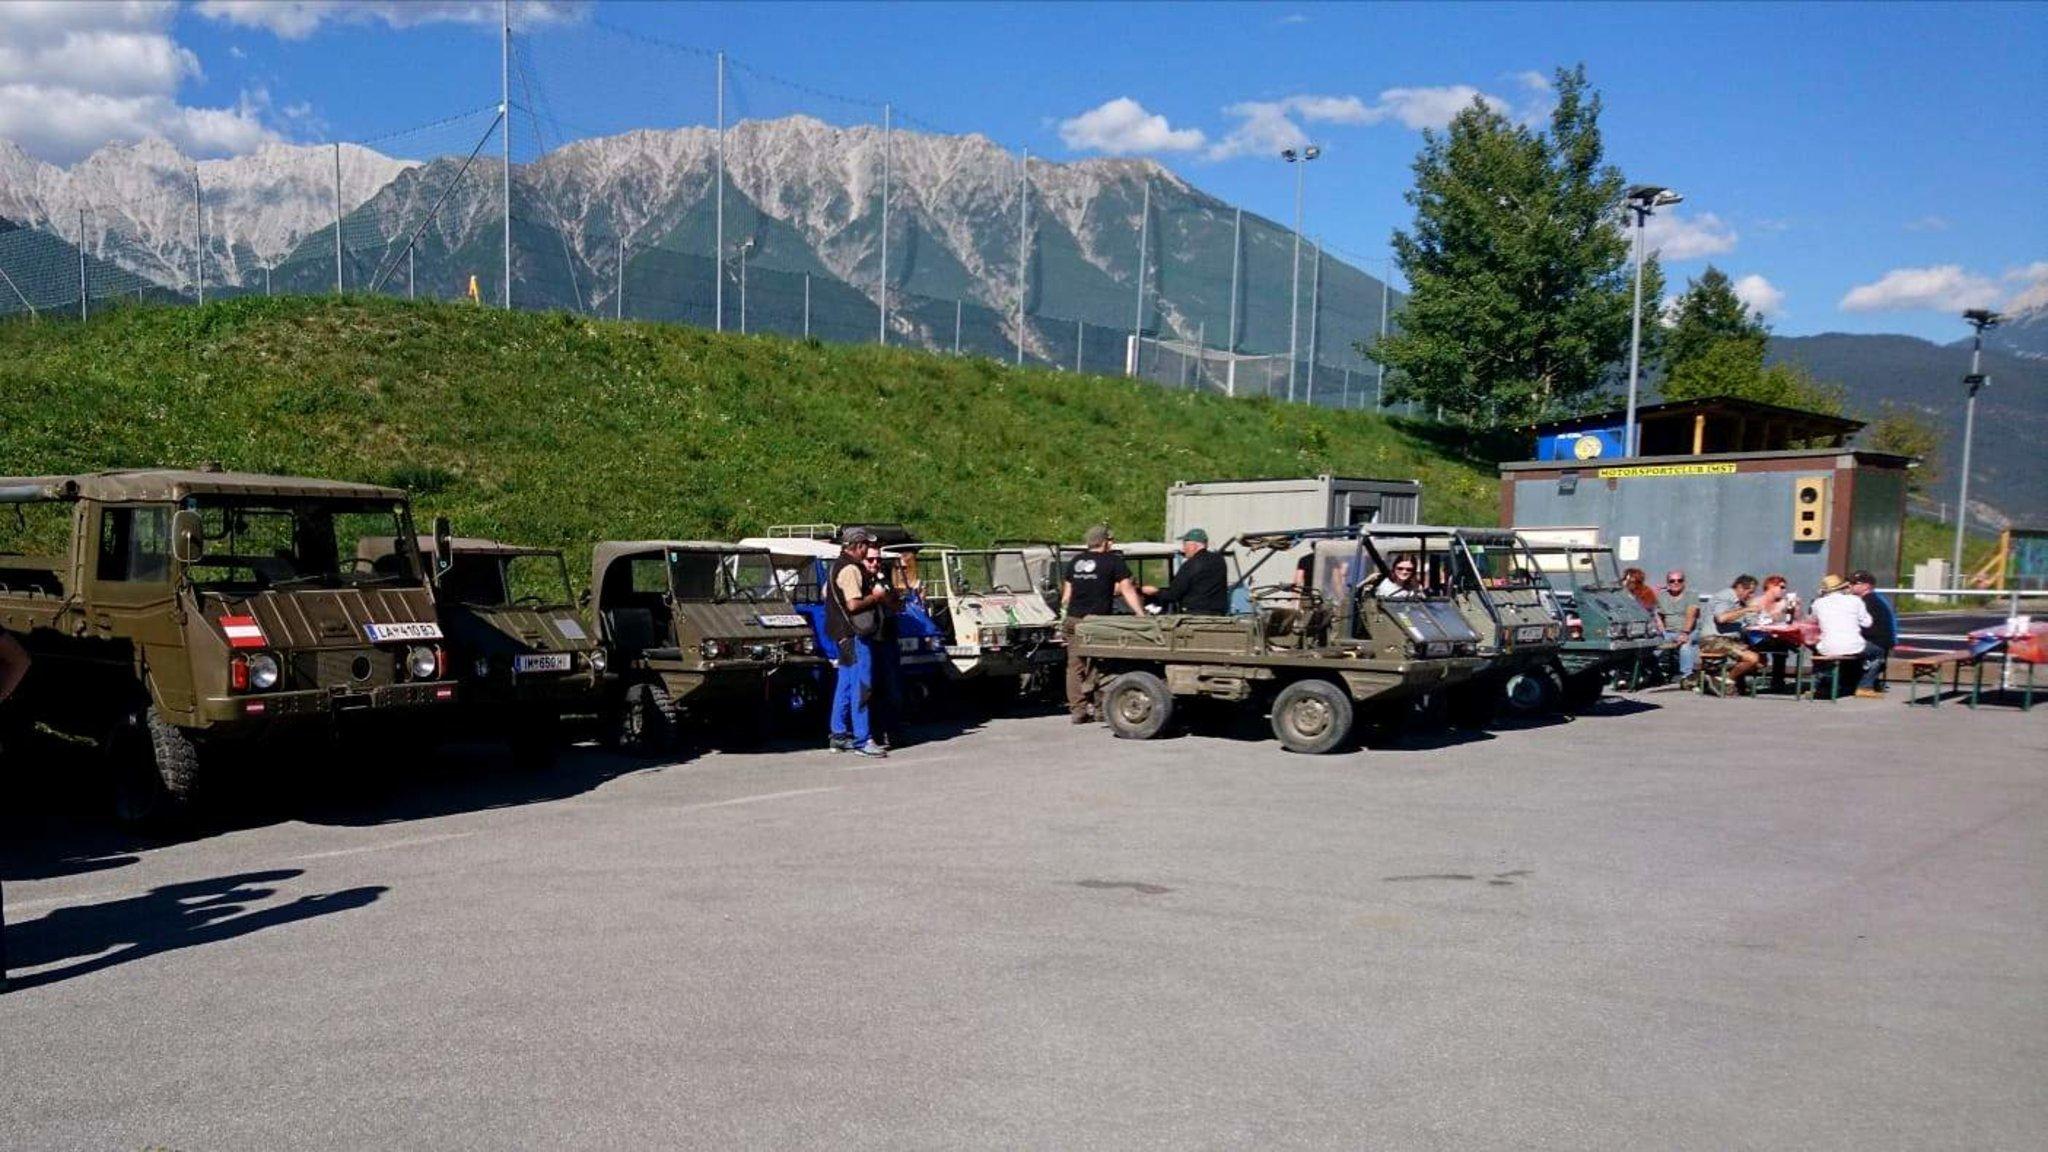 12. Treffen fr Oldtimer-Traktoren in Imst - Tiroler Tageszeitung